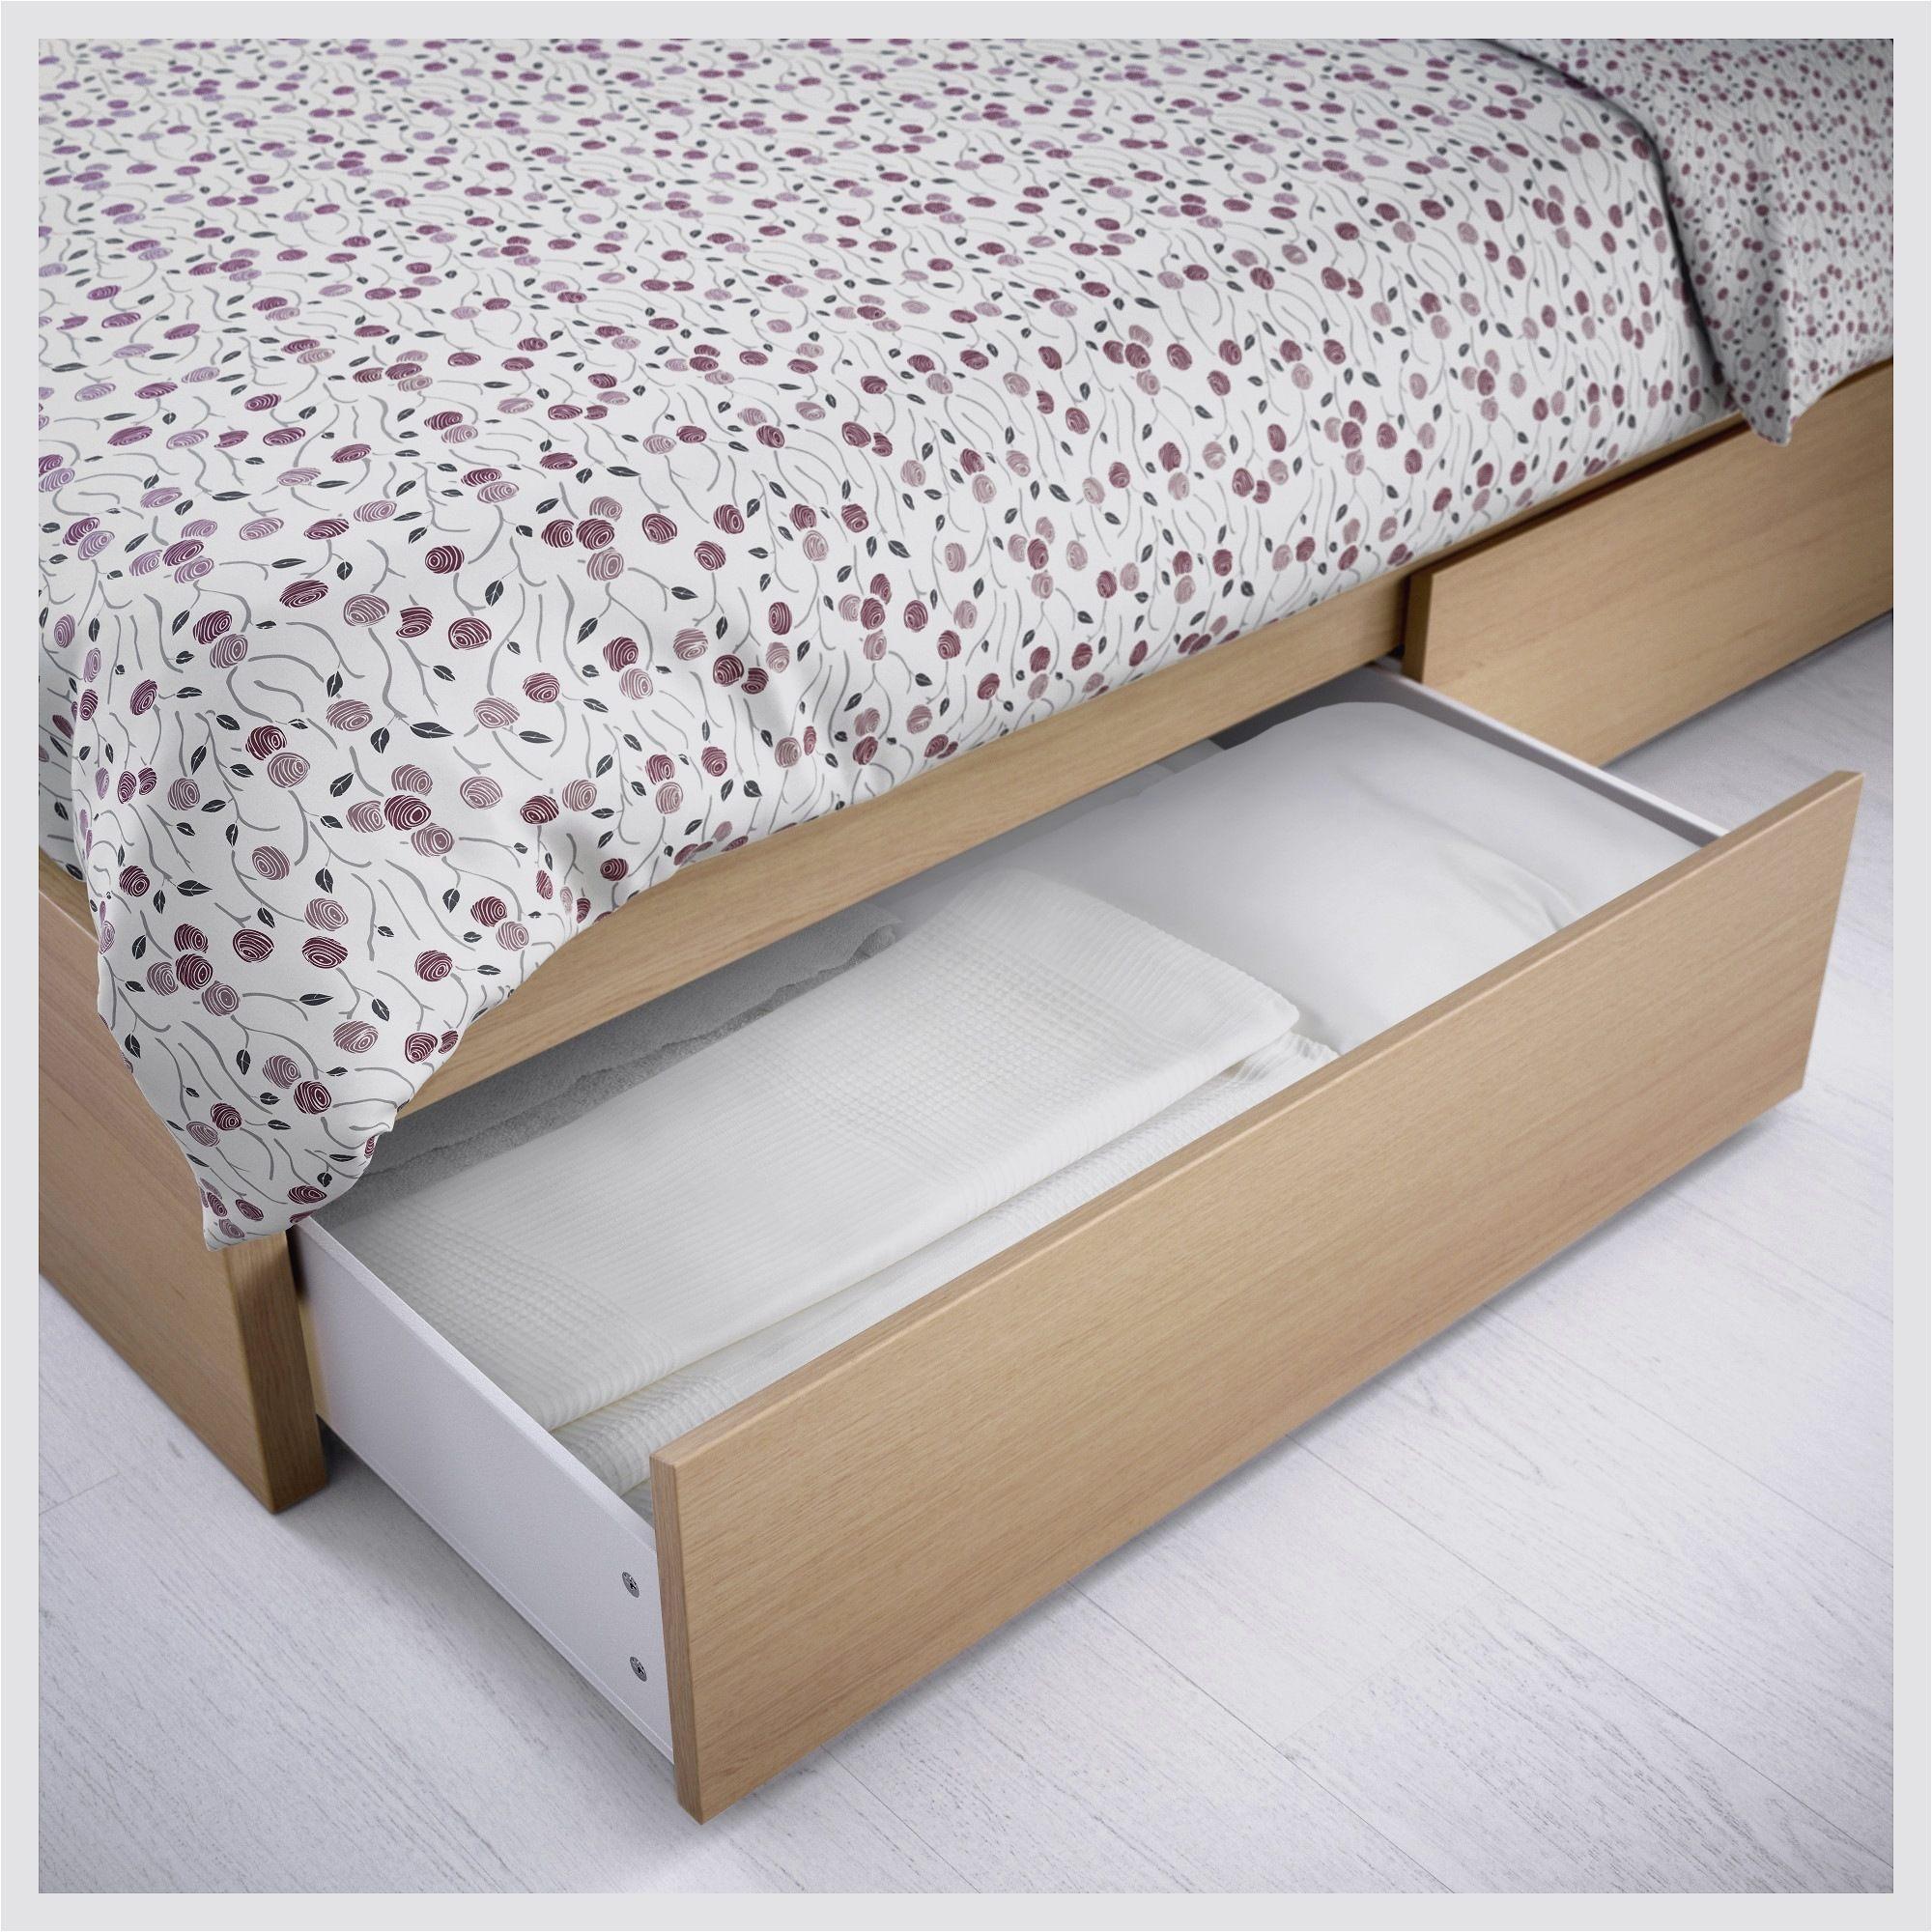 Rangement Dessous De Lit Inspirant Rangement Dessous De Lit Luxe Passionné Ikea Rangement sous Lit